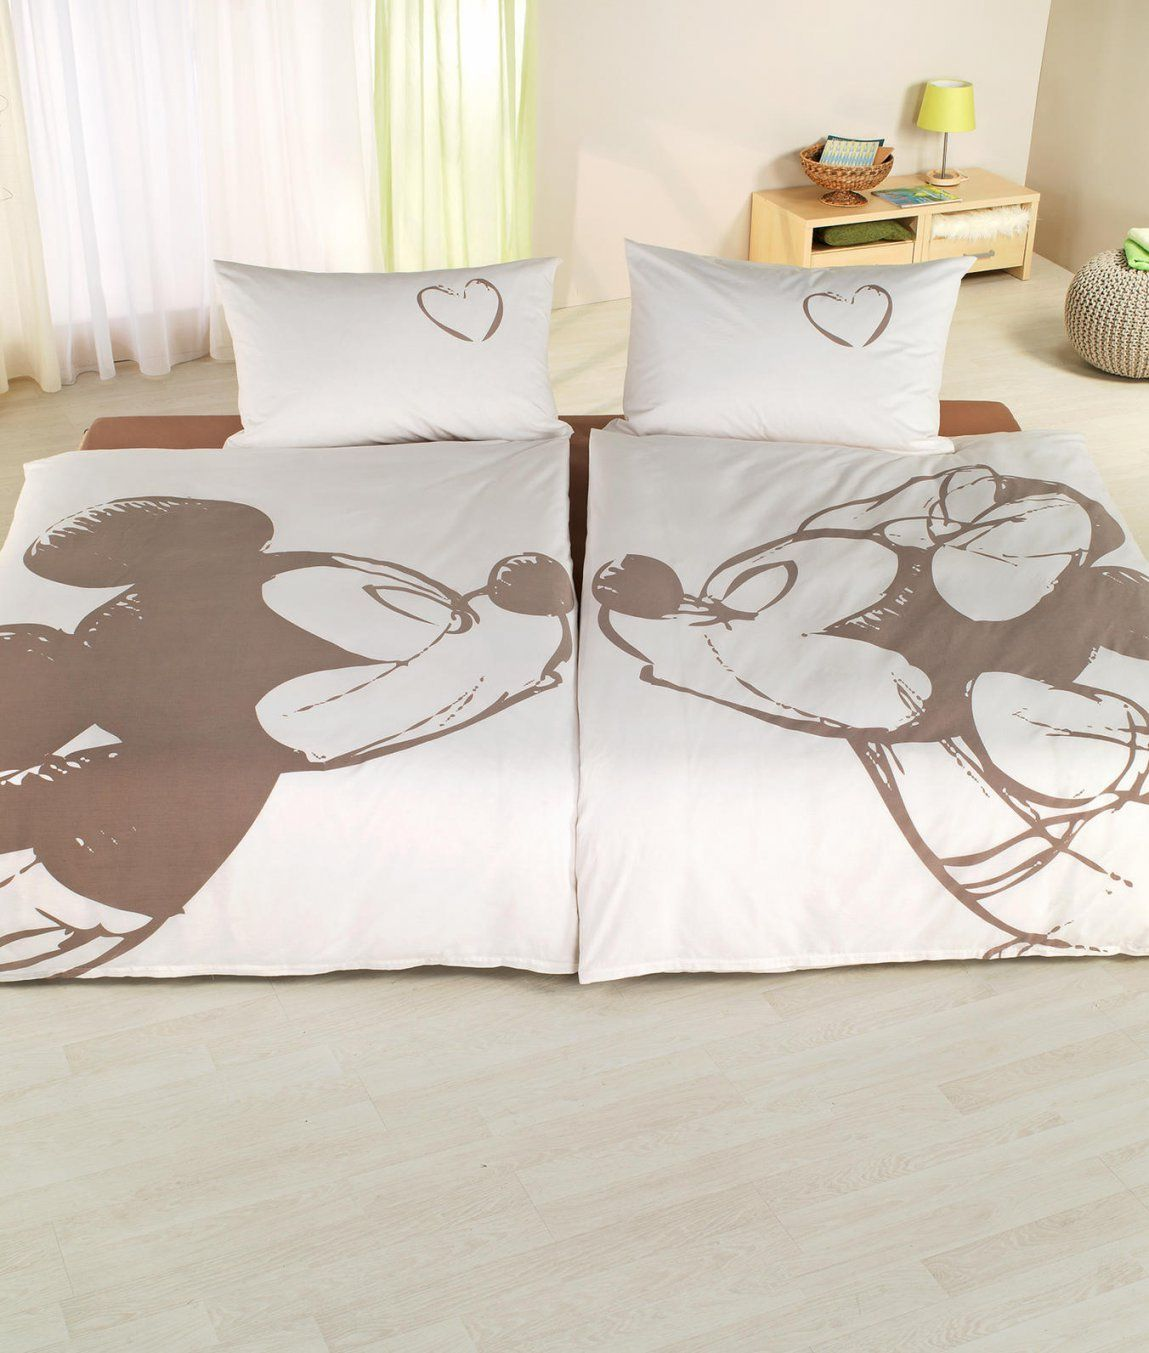 Mickey Mouse Partnerbettwäsche Im 2Erset Kaufen  Angela Bruderer von Bettwäsche Micky Maus Photo